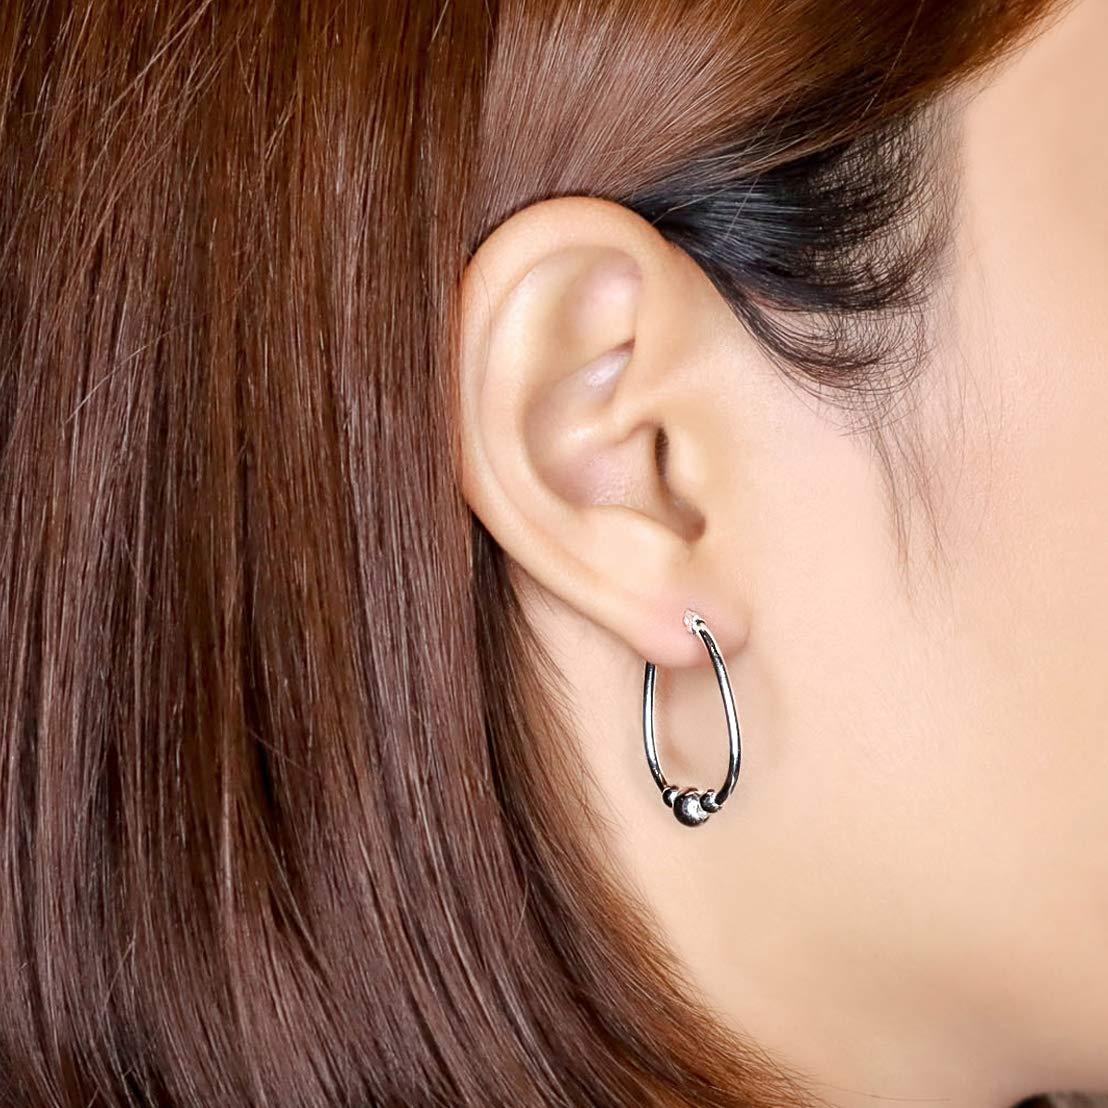 Sea of Ice Sterling Silver Polished Beaded Hoop Earrings 18mm